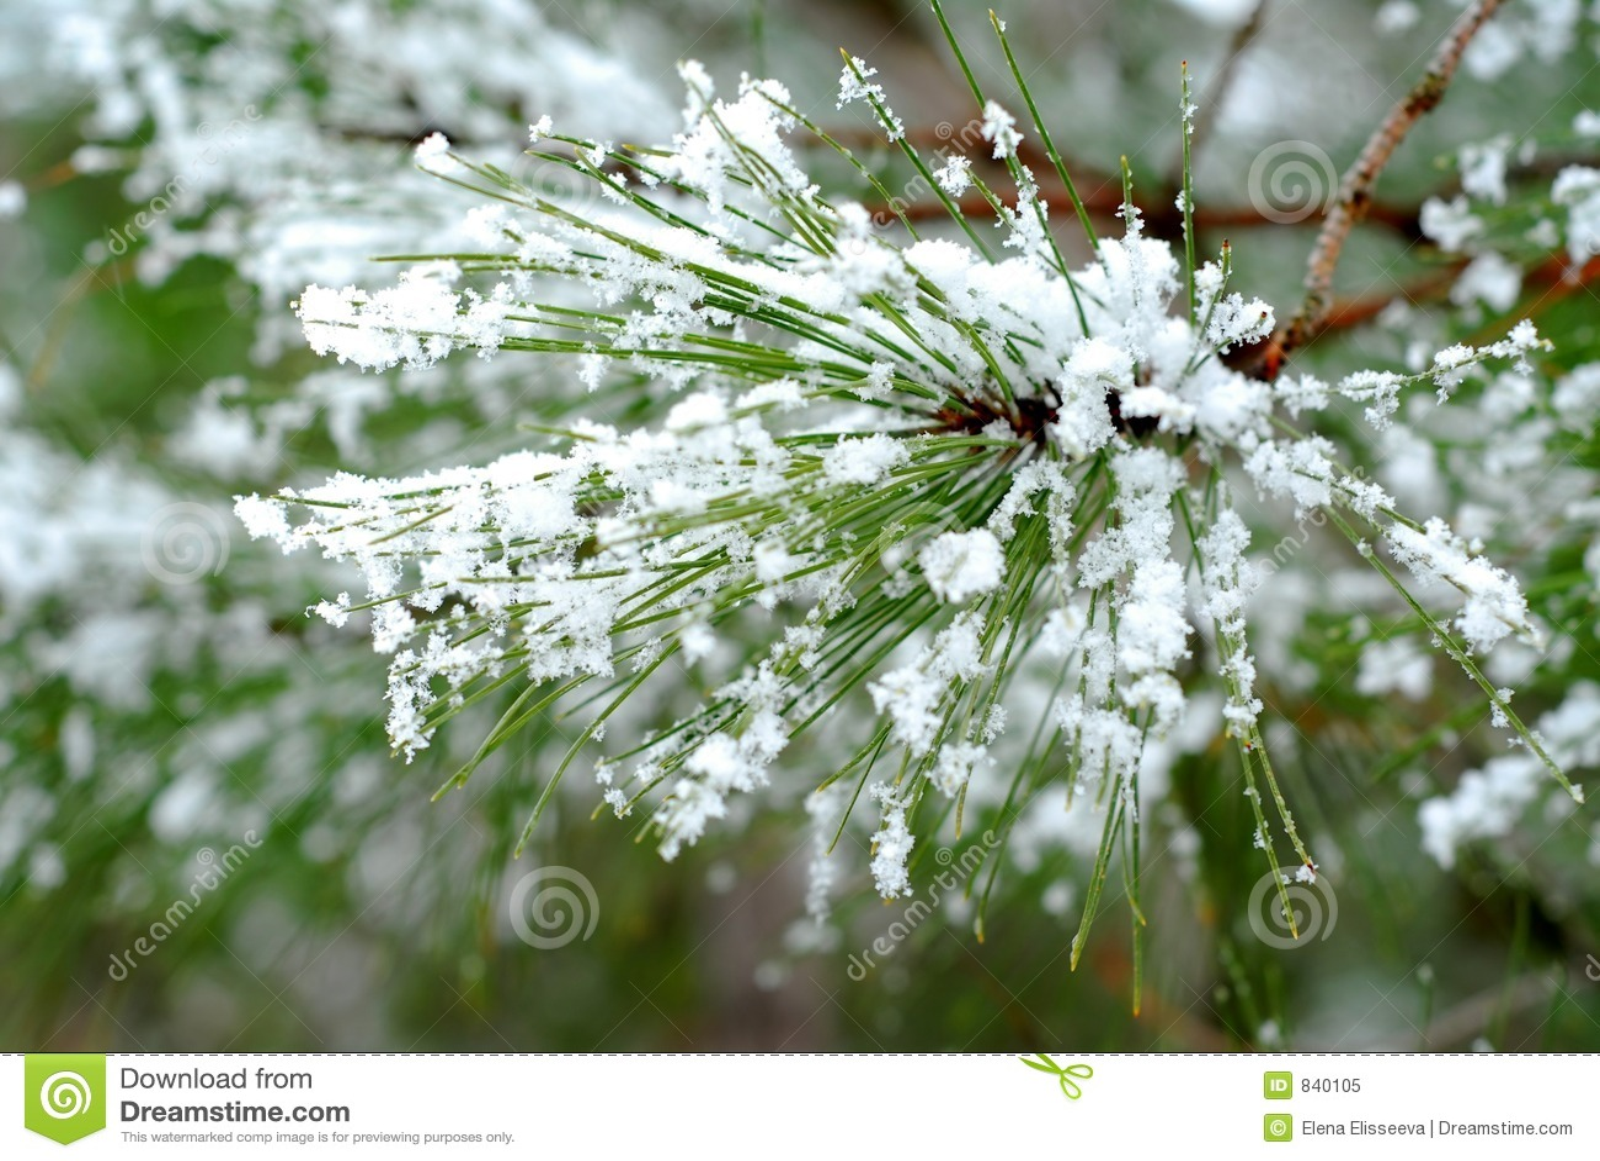 Snowy pine needles